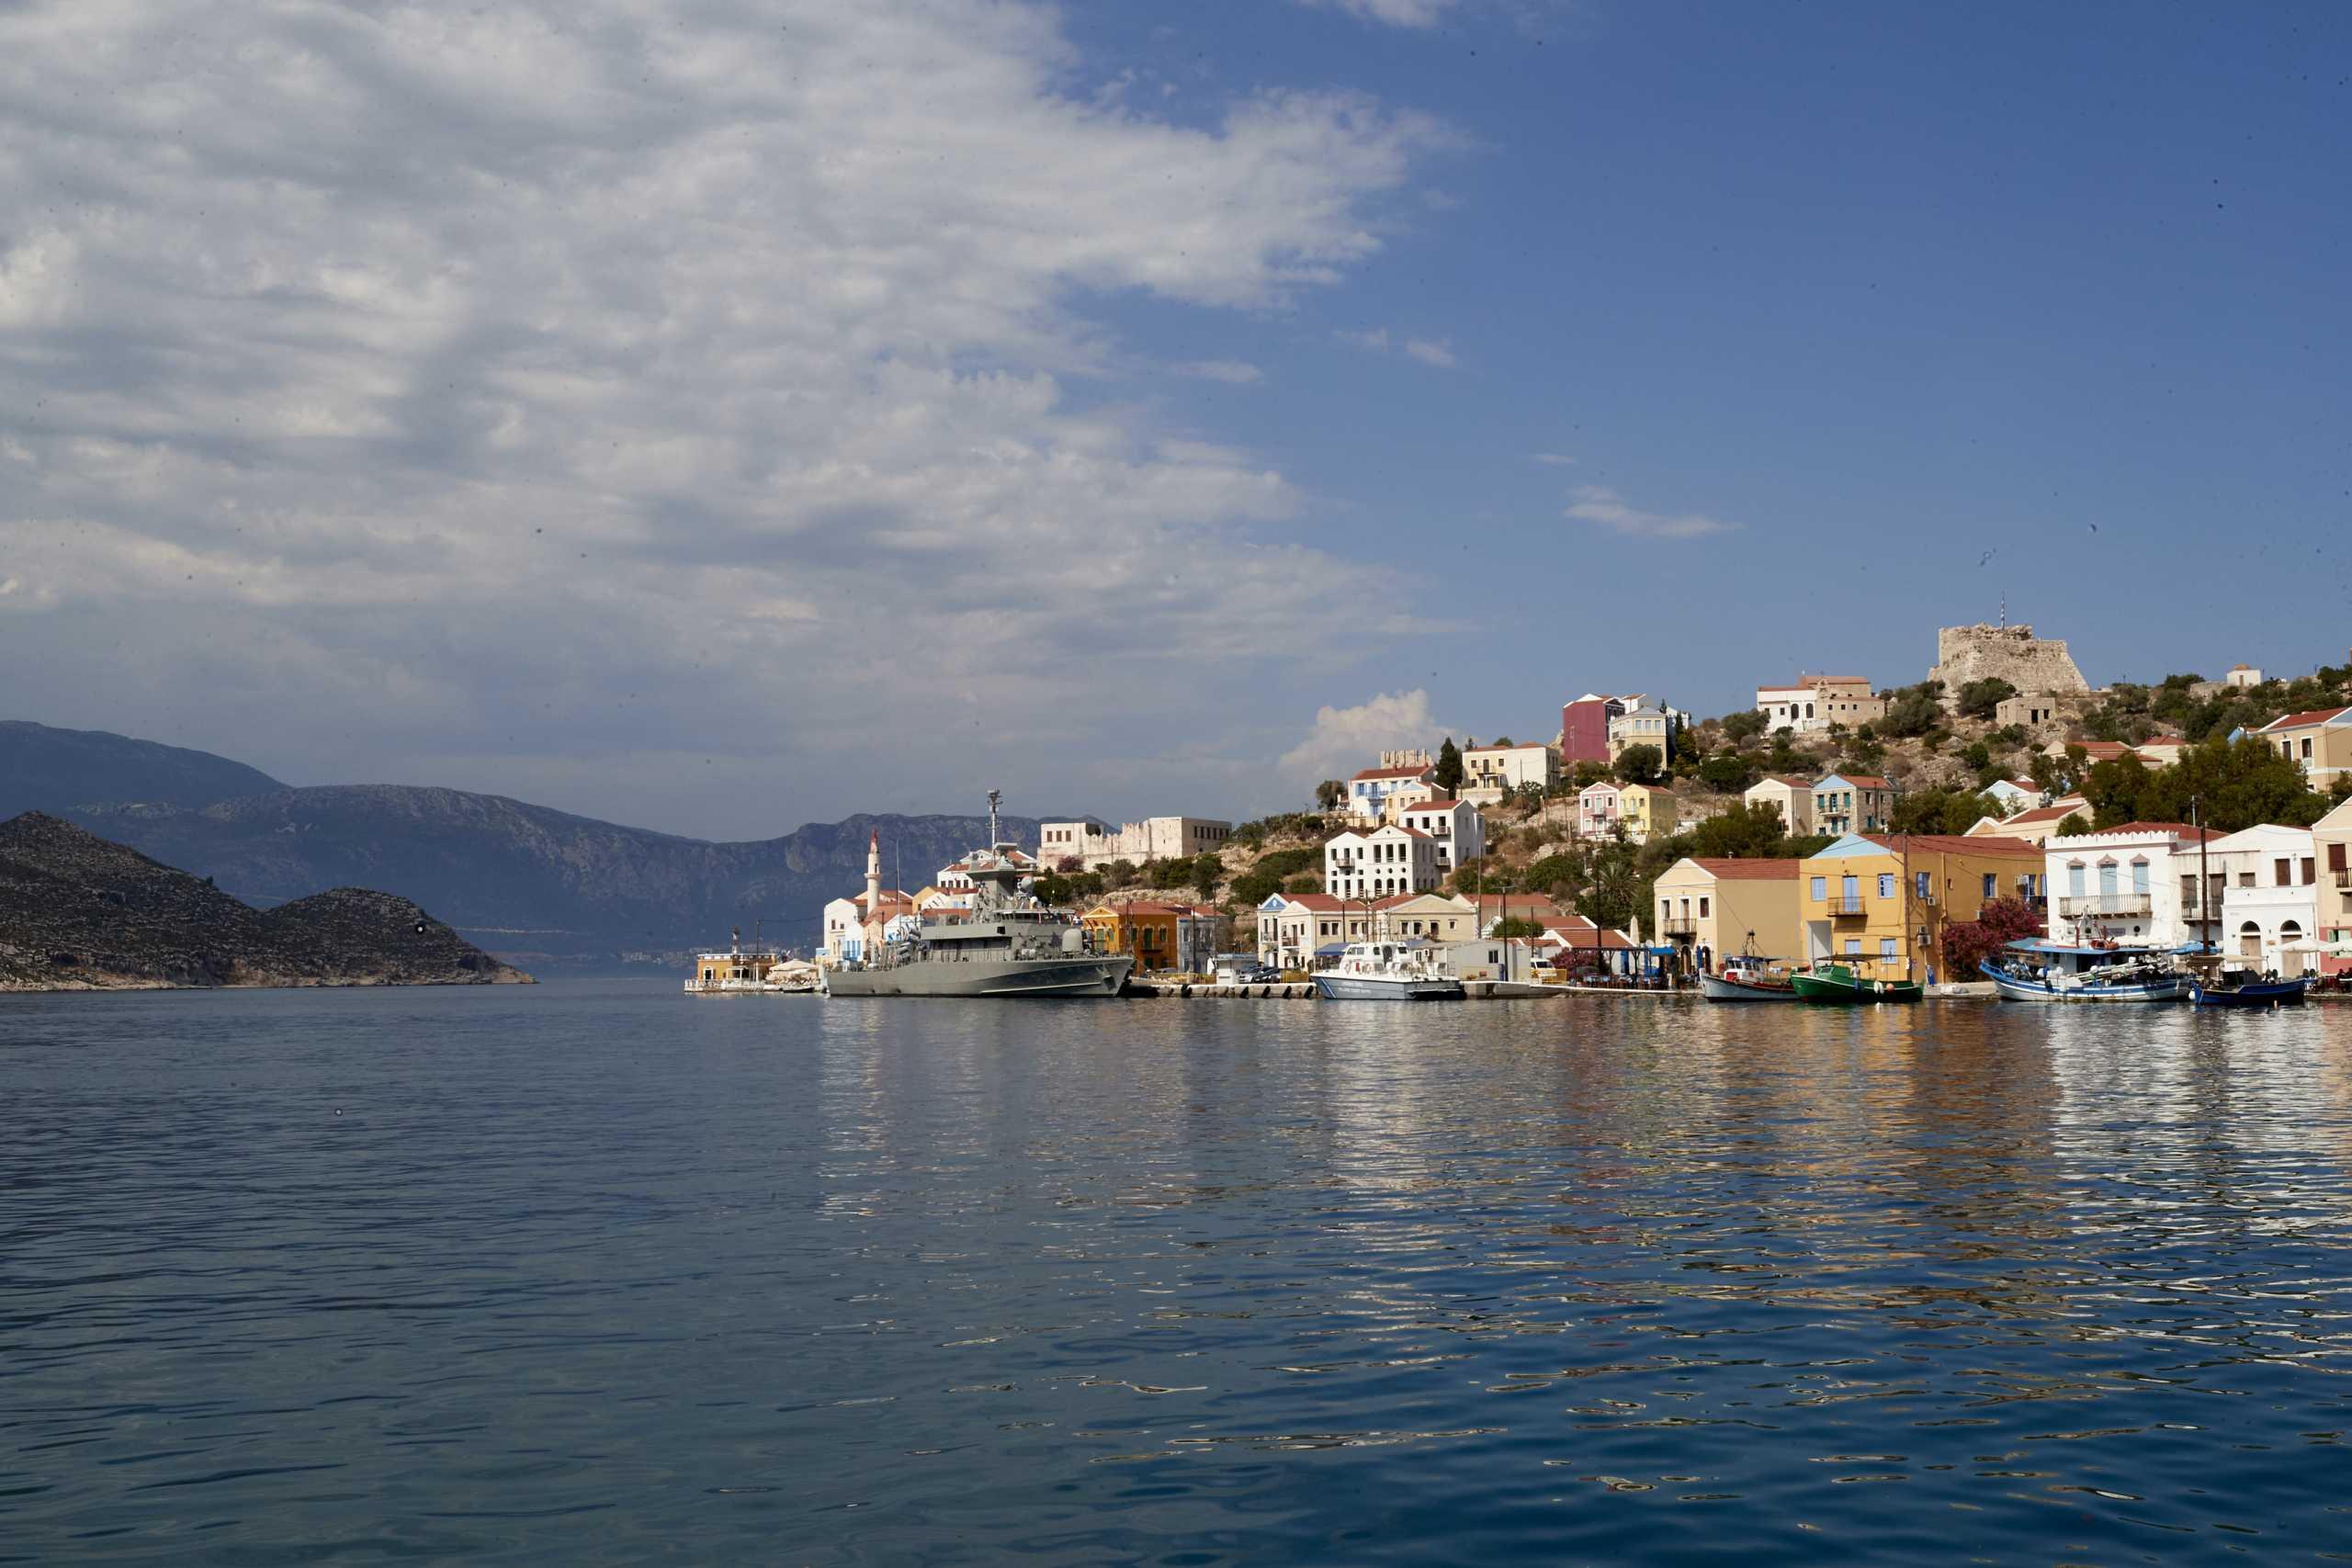 Κατασκοπικό θρίλερ στη Ρόδο με δυο Έλληνες: Ο ένας στρατολόγησε τον άλλο